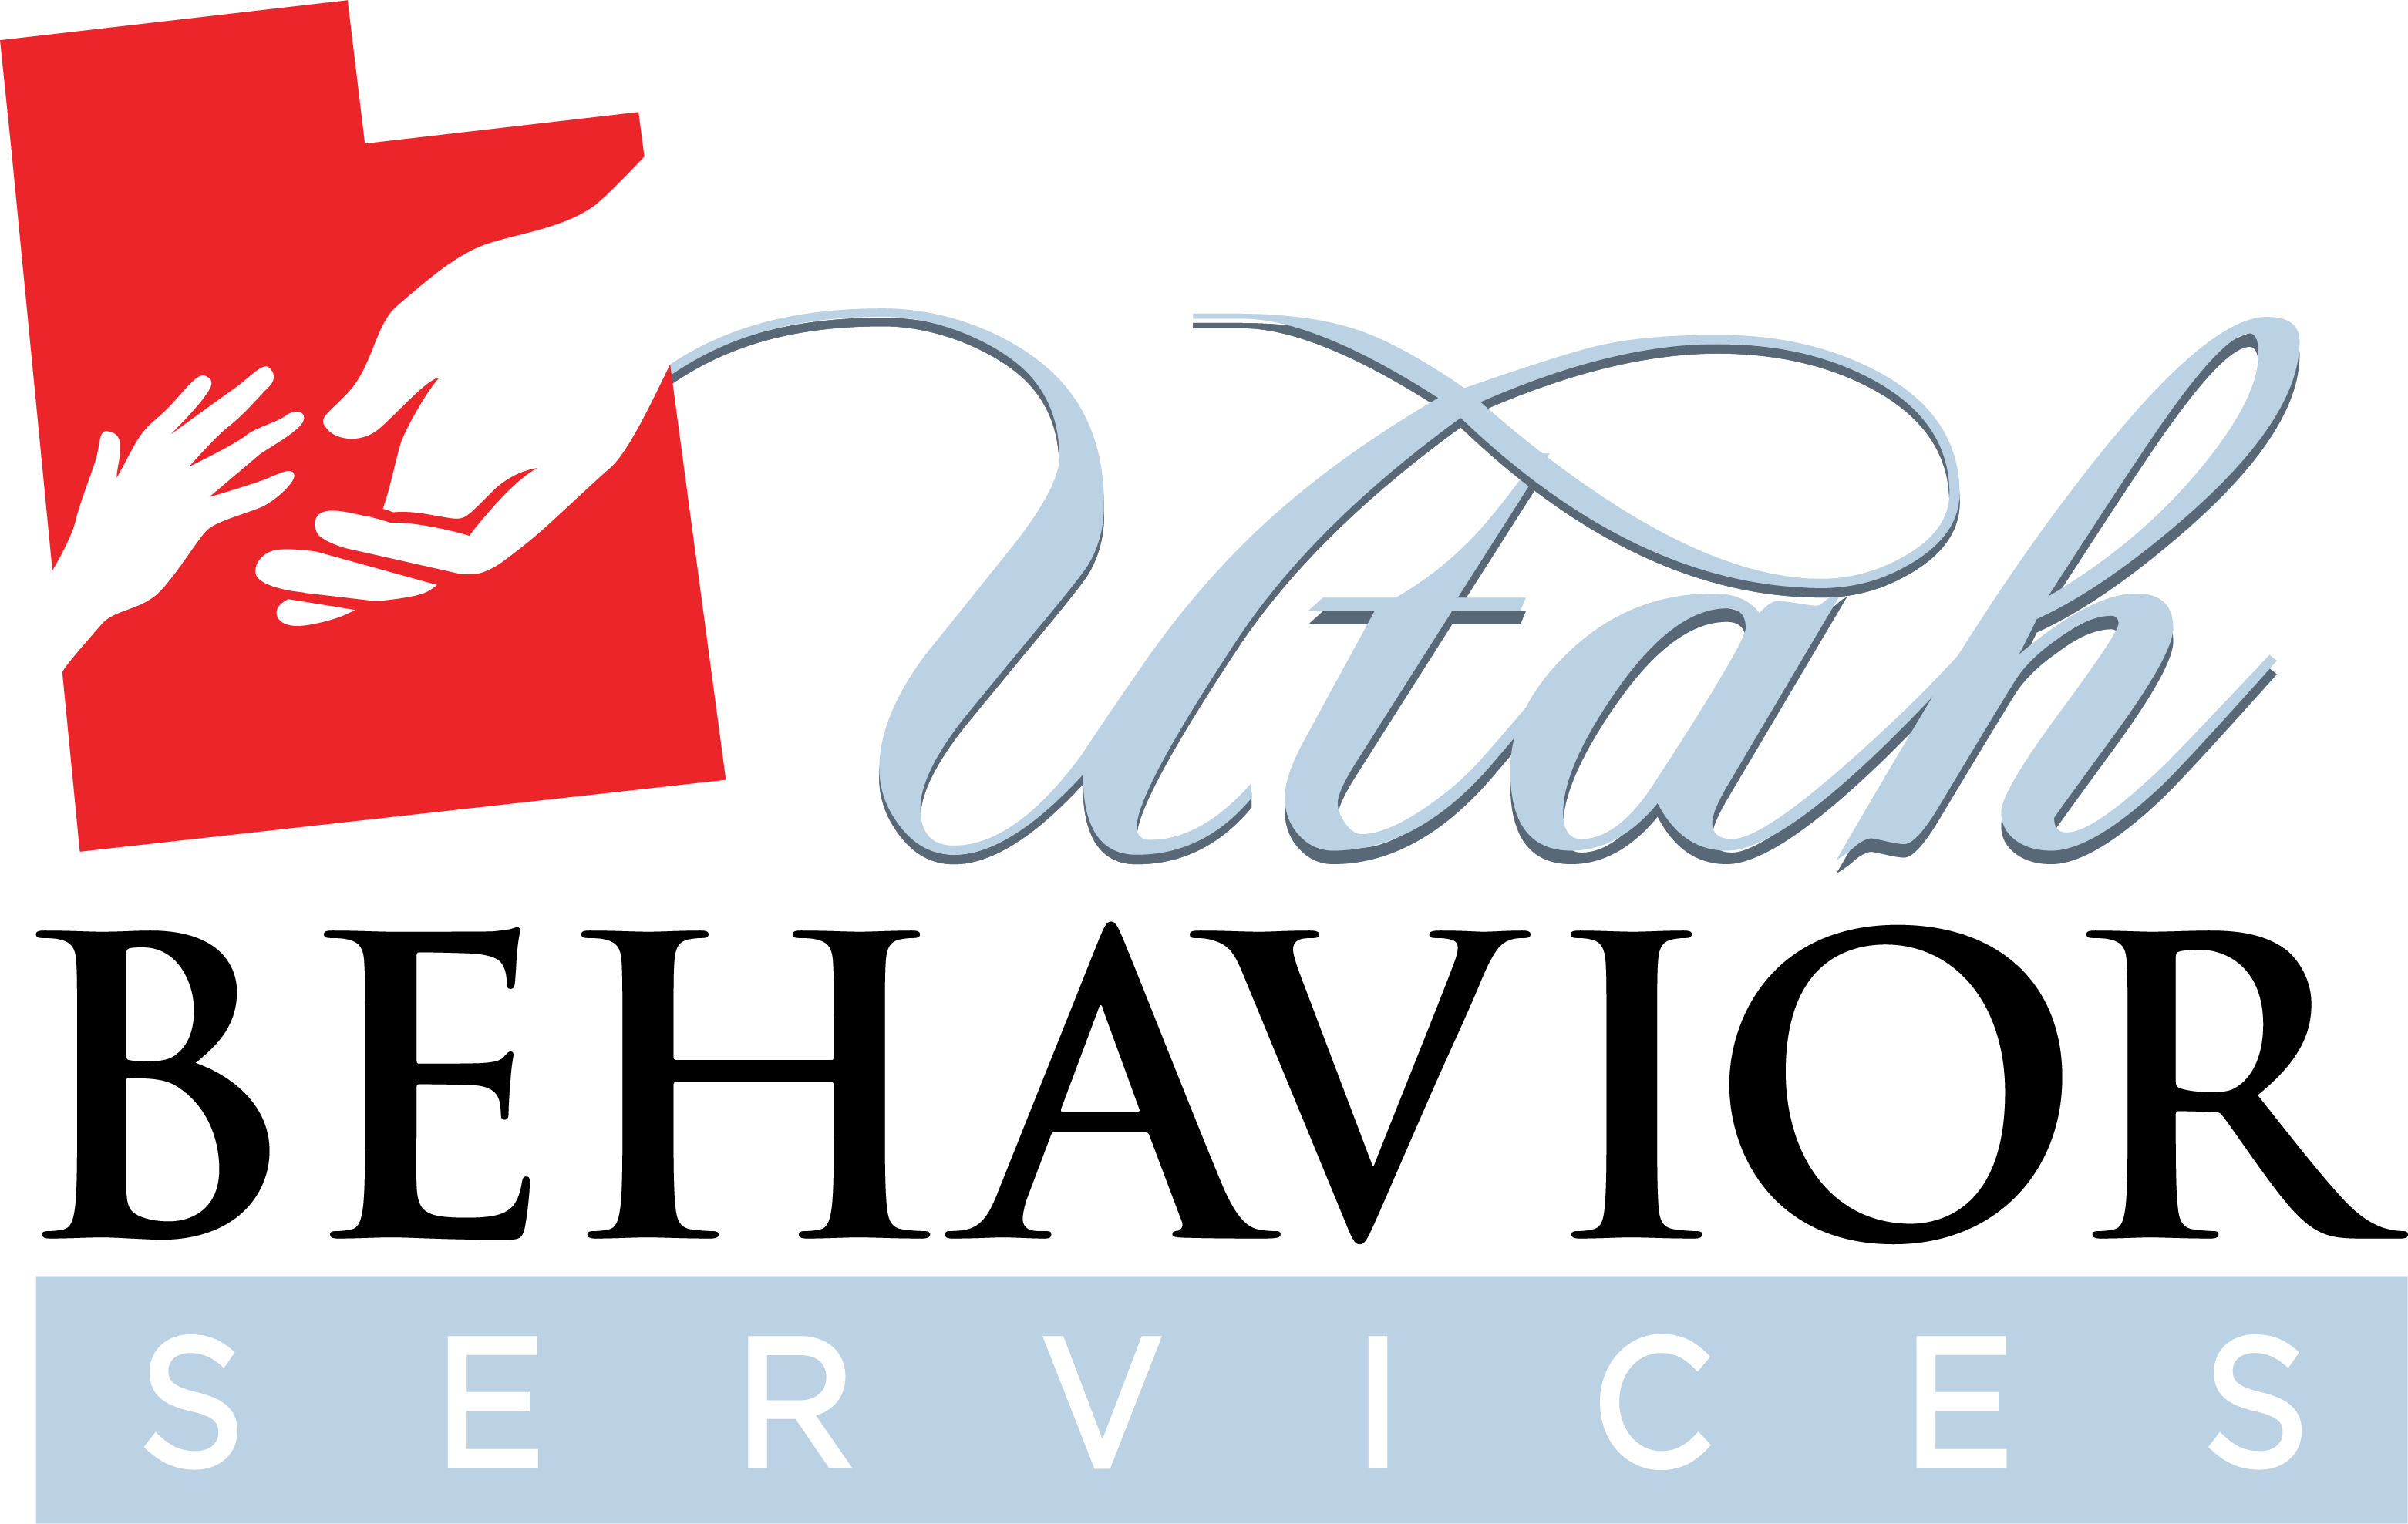 13019_UtahBehaviorServices_Logo_FullColor_v1-01-No-Pad